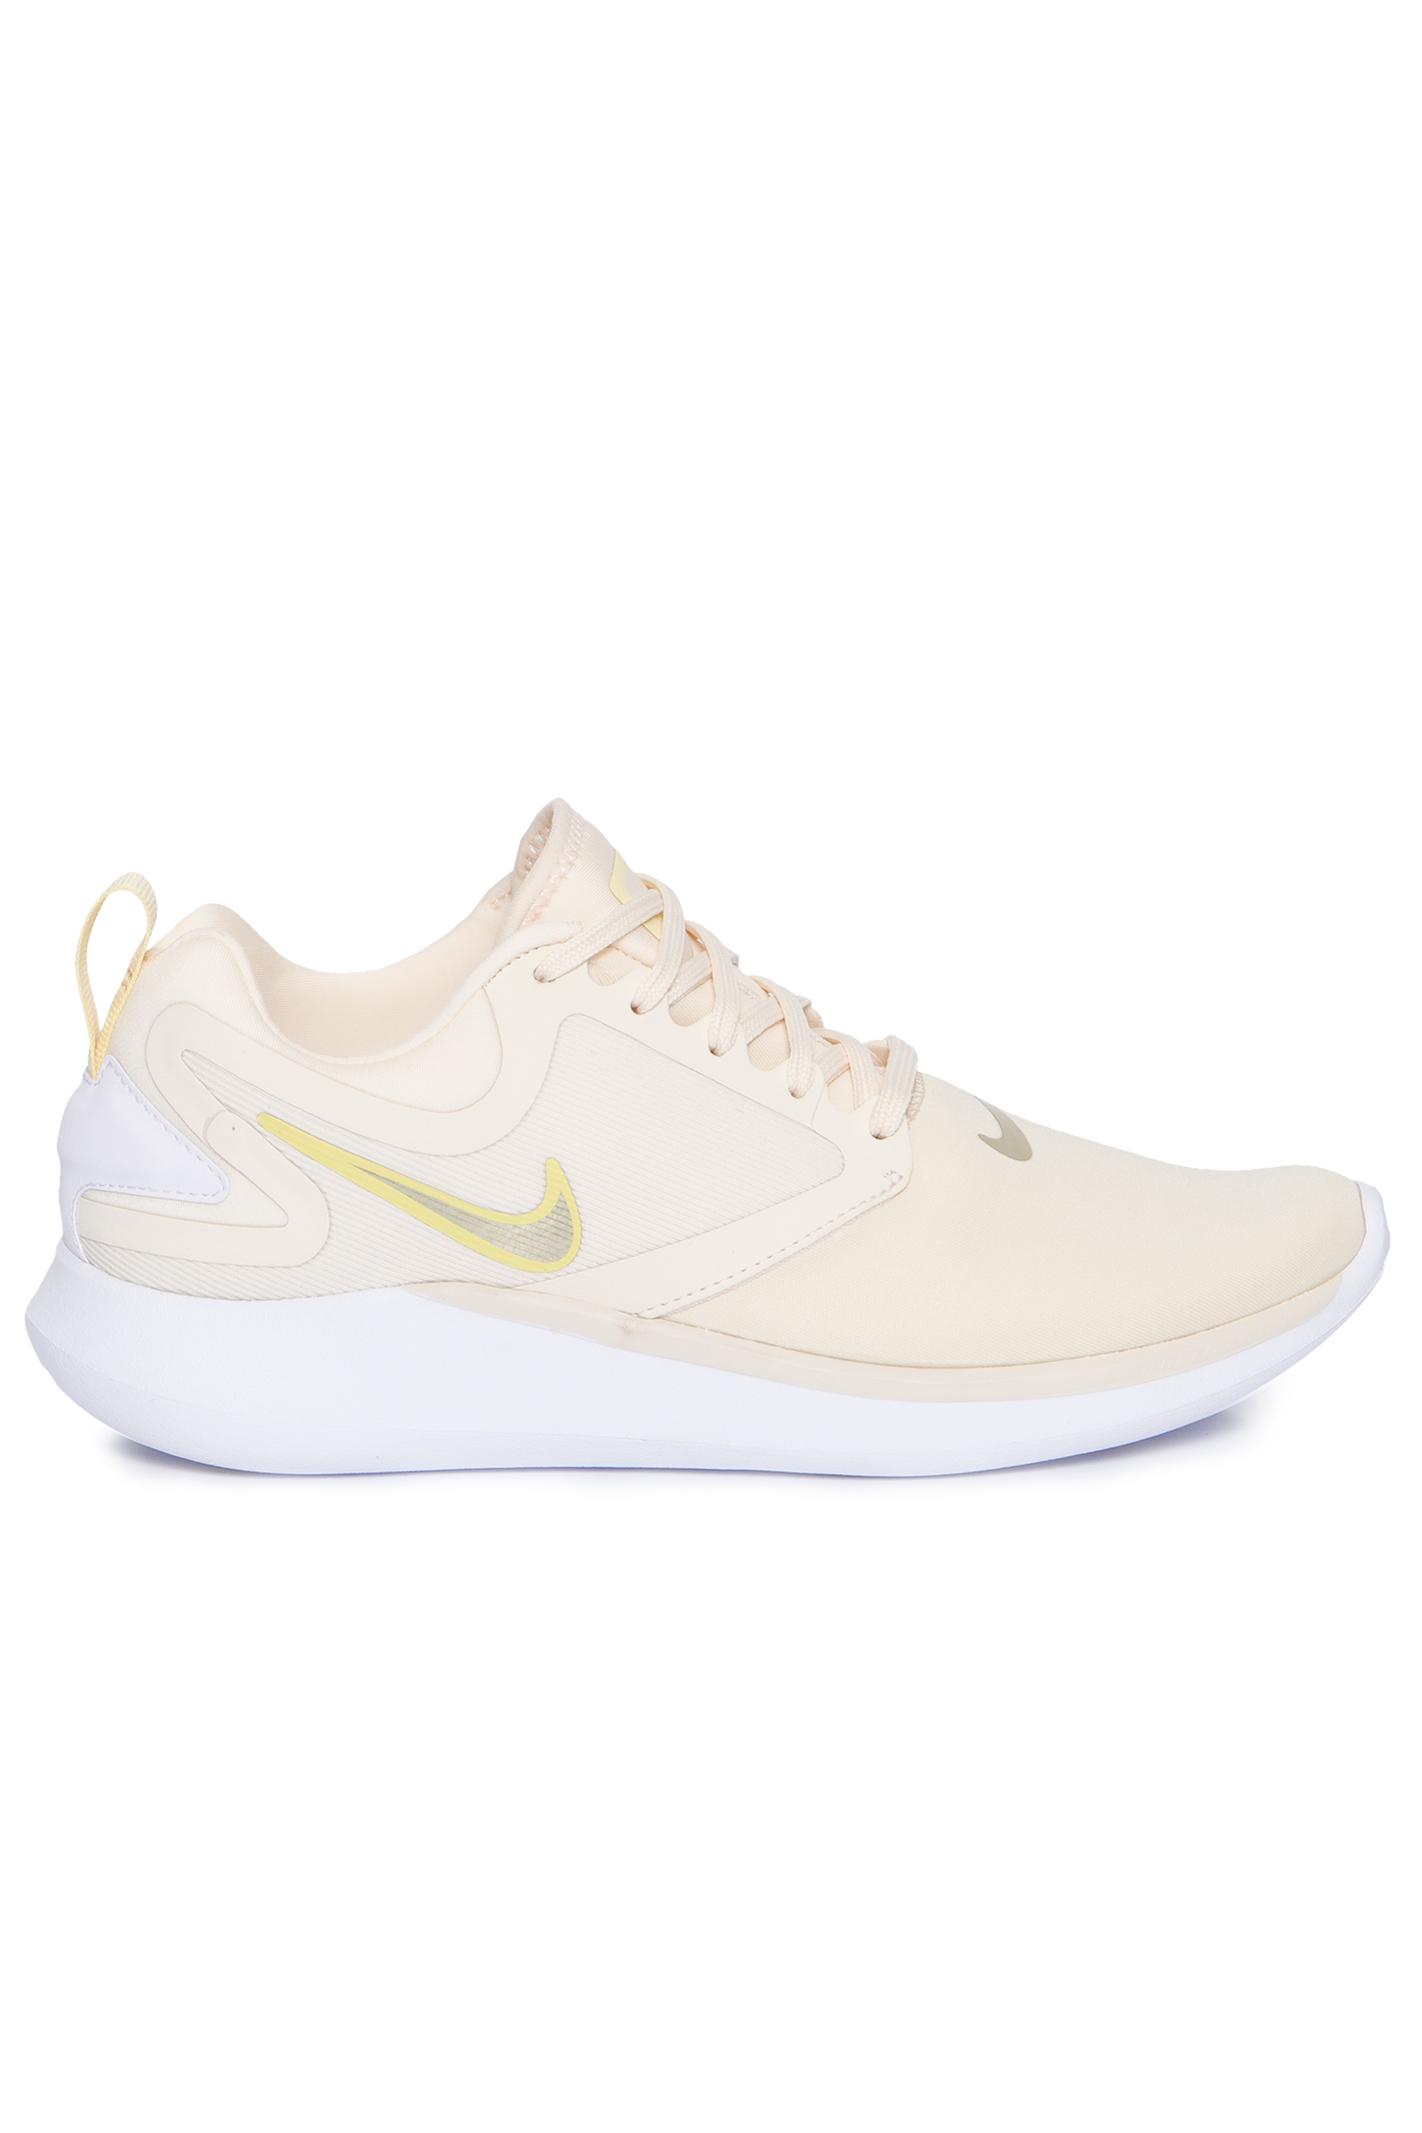 Tenis Wmns Nike Lunarsolo